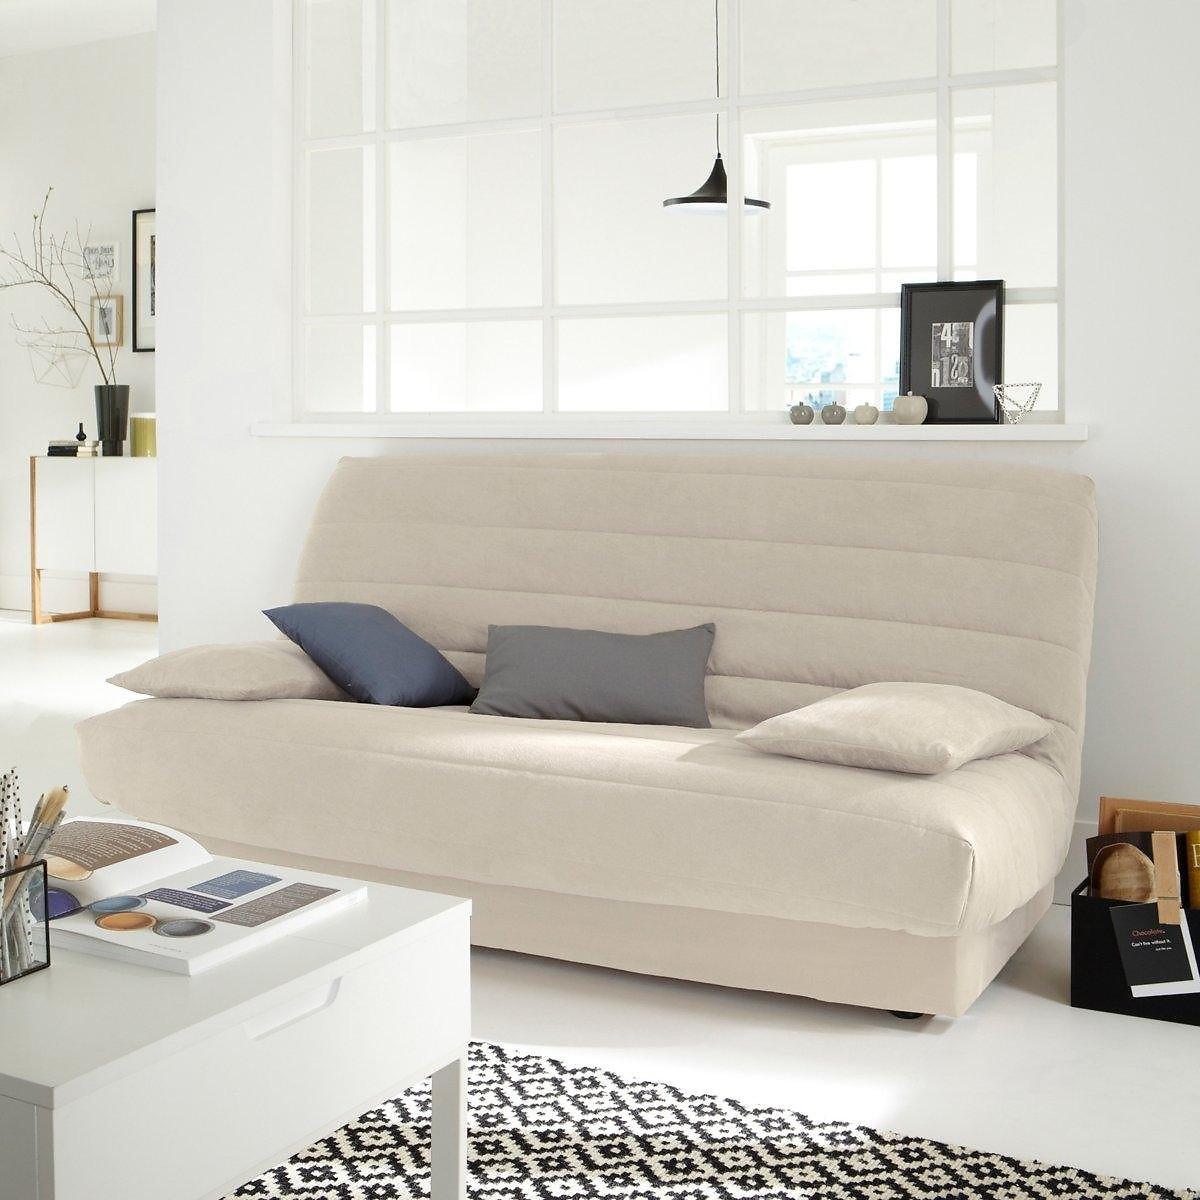 Чехол LaRedoute Для раскладного дивана из искусственной замши единый размер бежевый